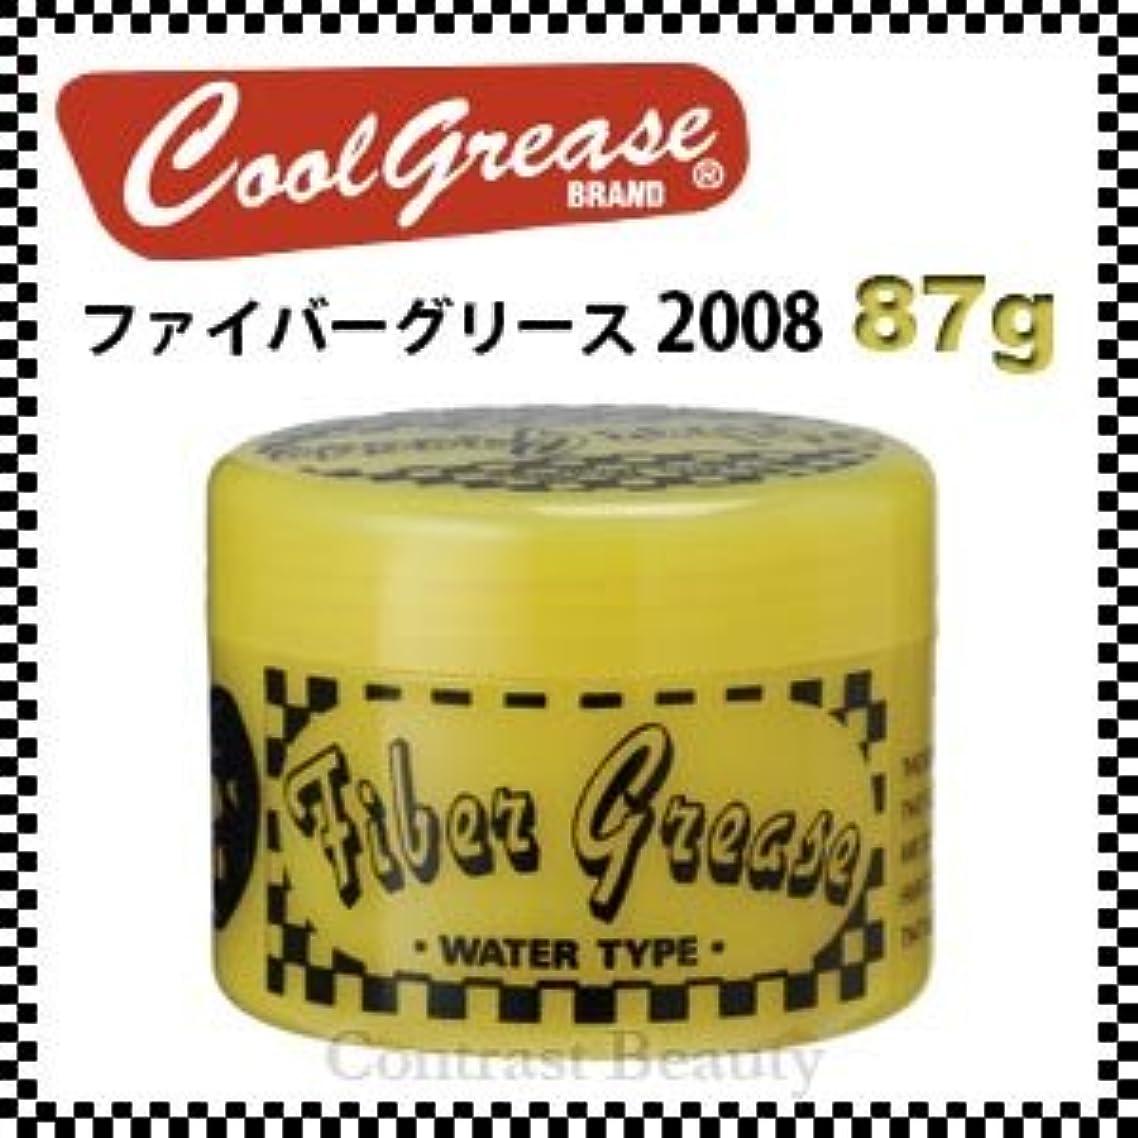 約束する平野下向き【X3個セット】 阪本高生堂 ファイバーグリース 2008 87g